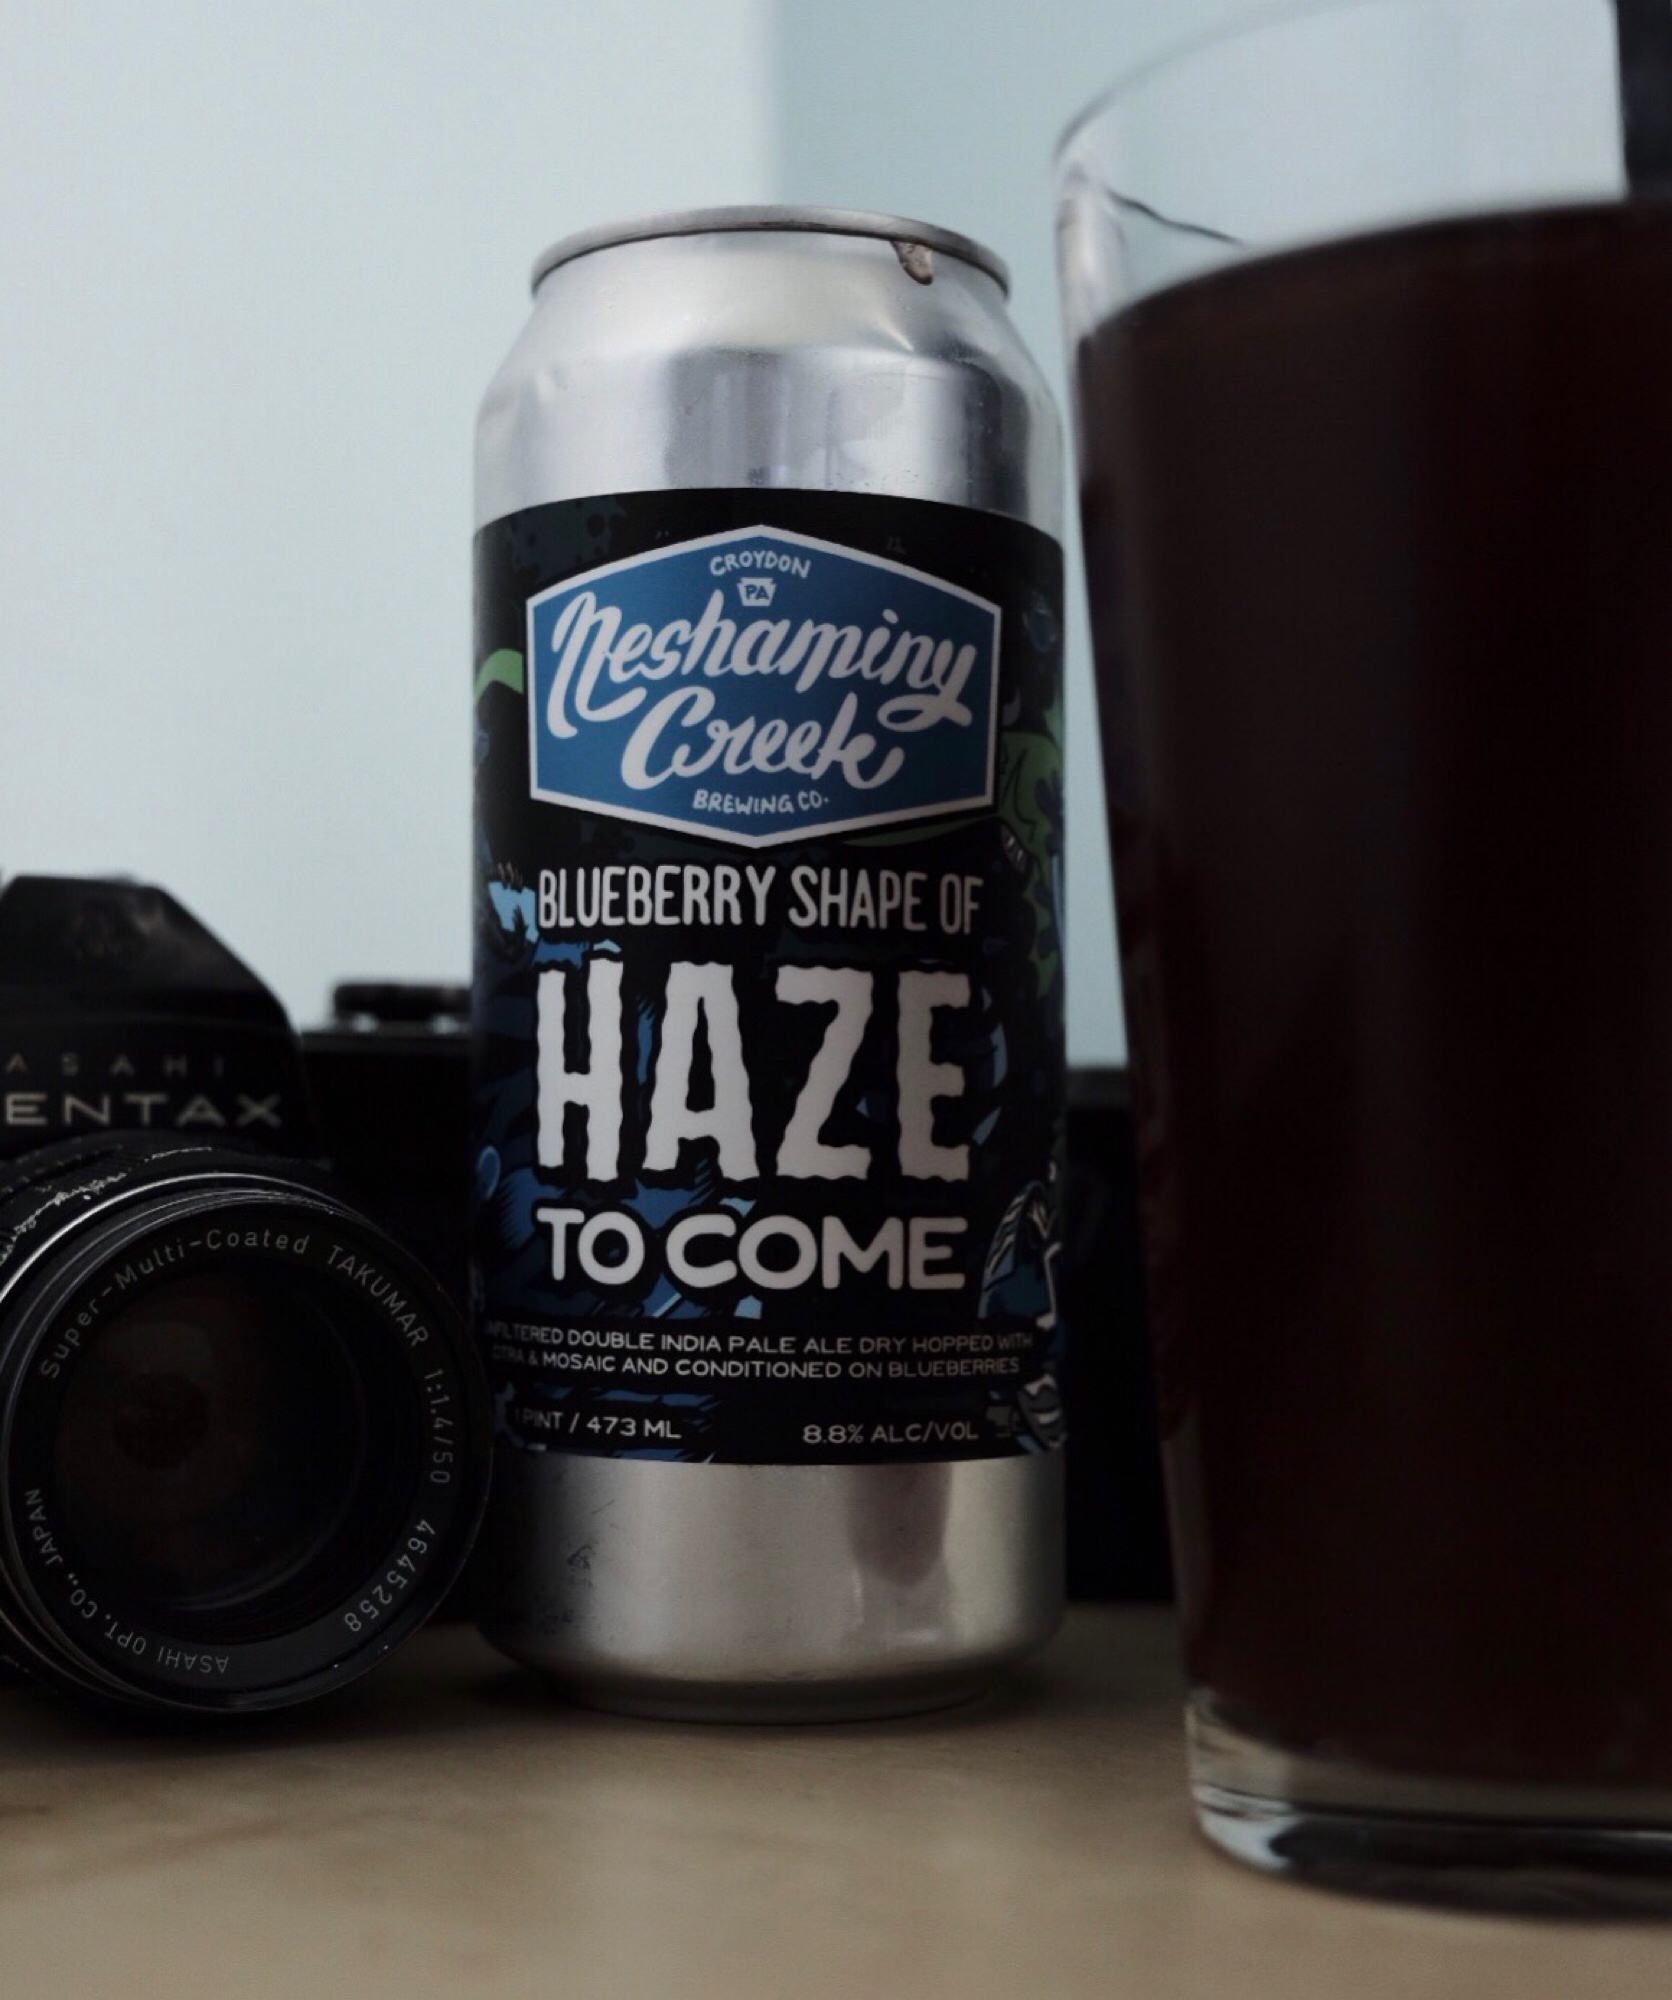 Neshaminy Creek Brewing Company 's Blueberry Shape of Haze